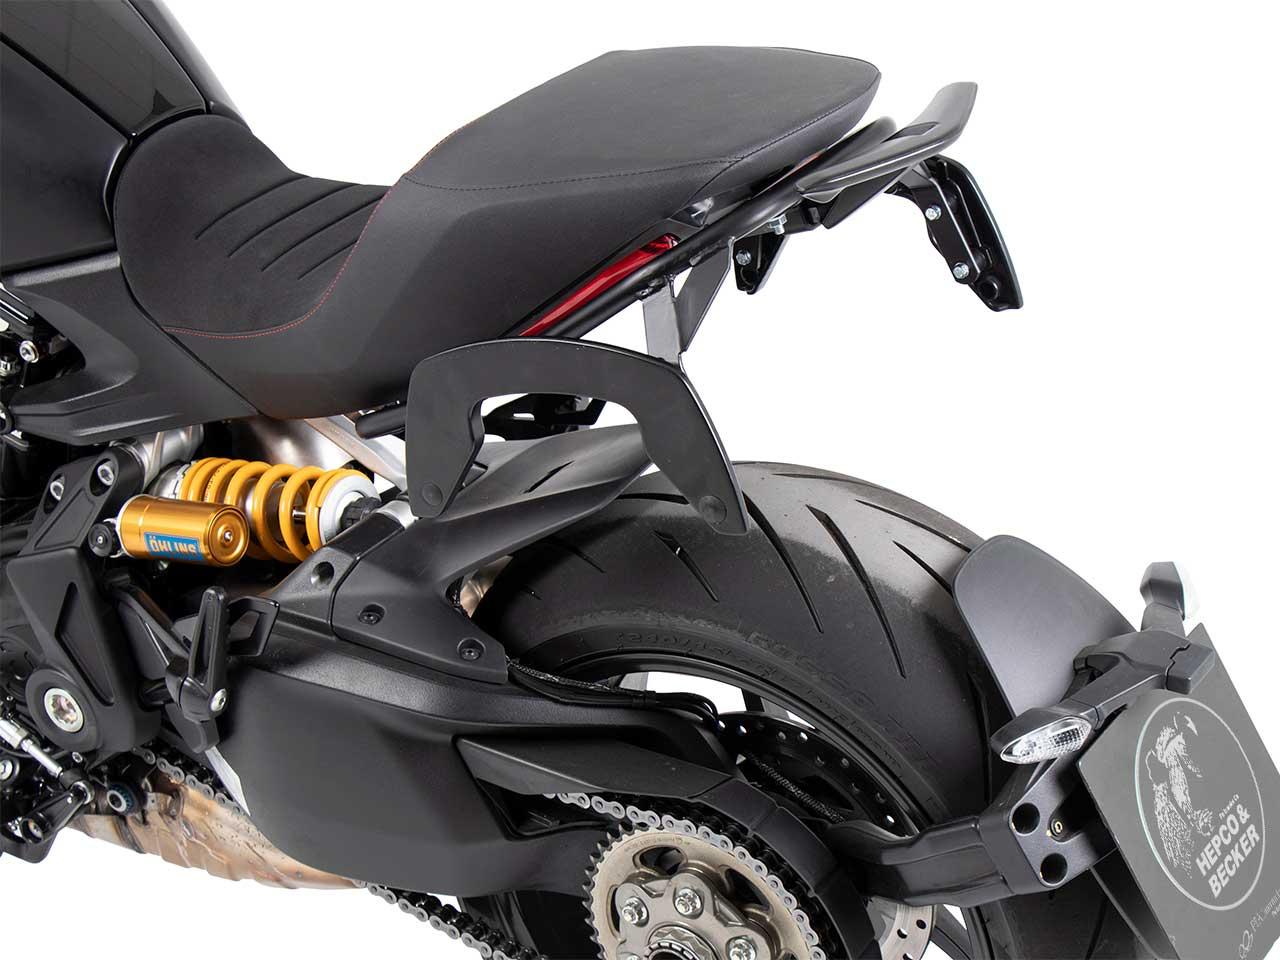 ヘプコ&ベッカー サイドソフトケースホルダー「C-Bow」 DUCATI Diavel 1260/S